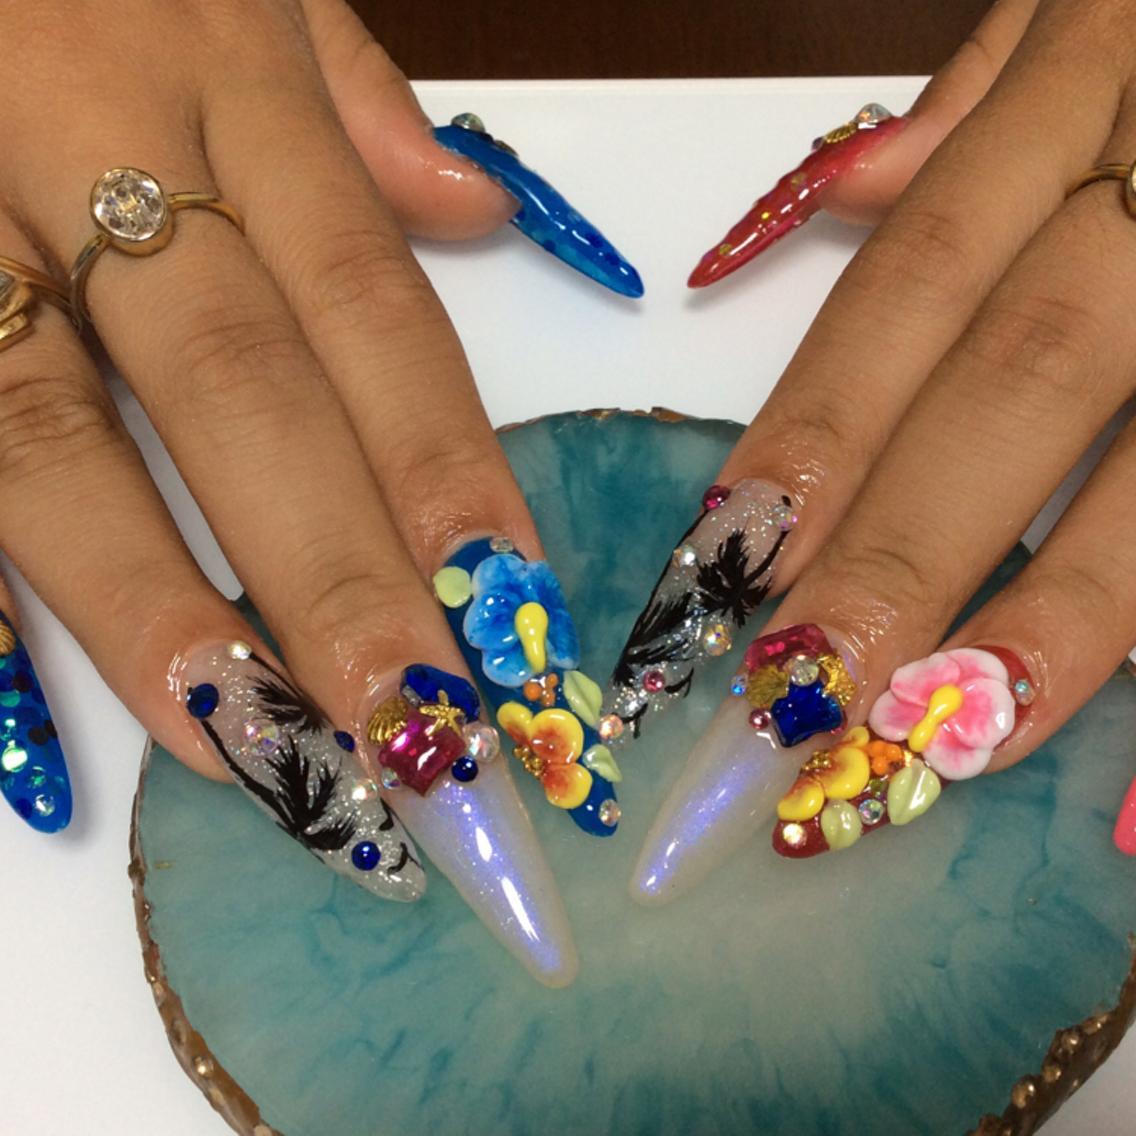 持ち込みデザイン何でもok♡200種類以上カラー&パーツ♡リラックス系サロン♡人気の自爪風スカルプ